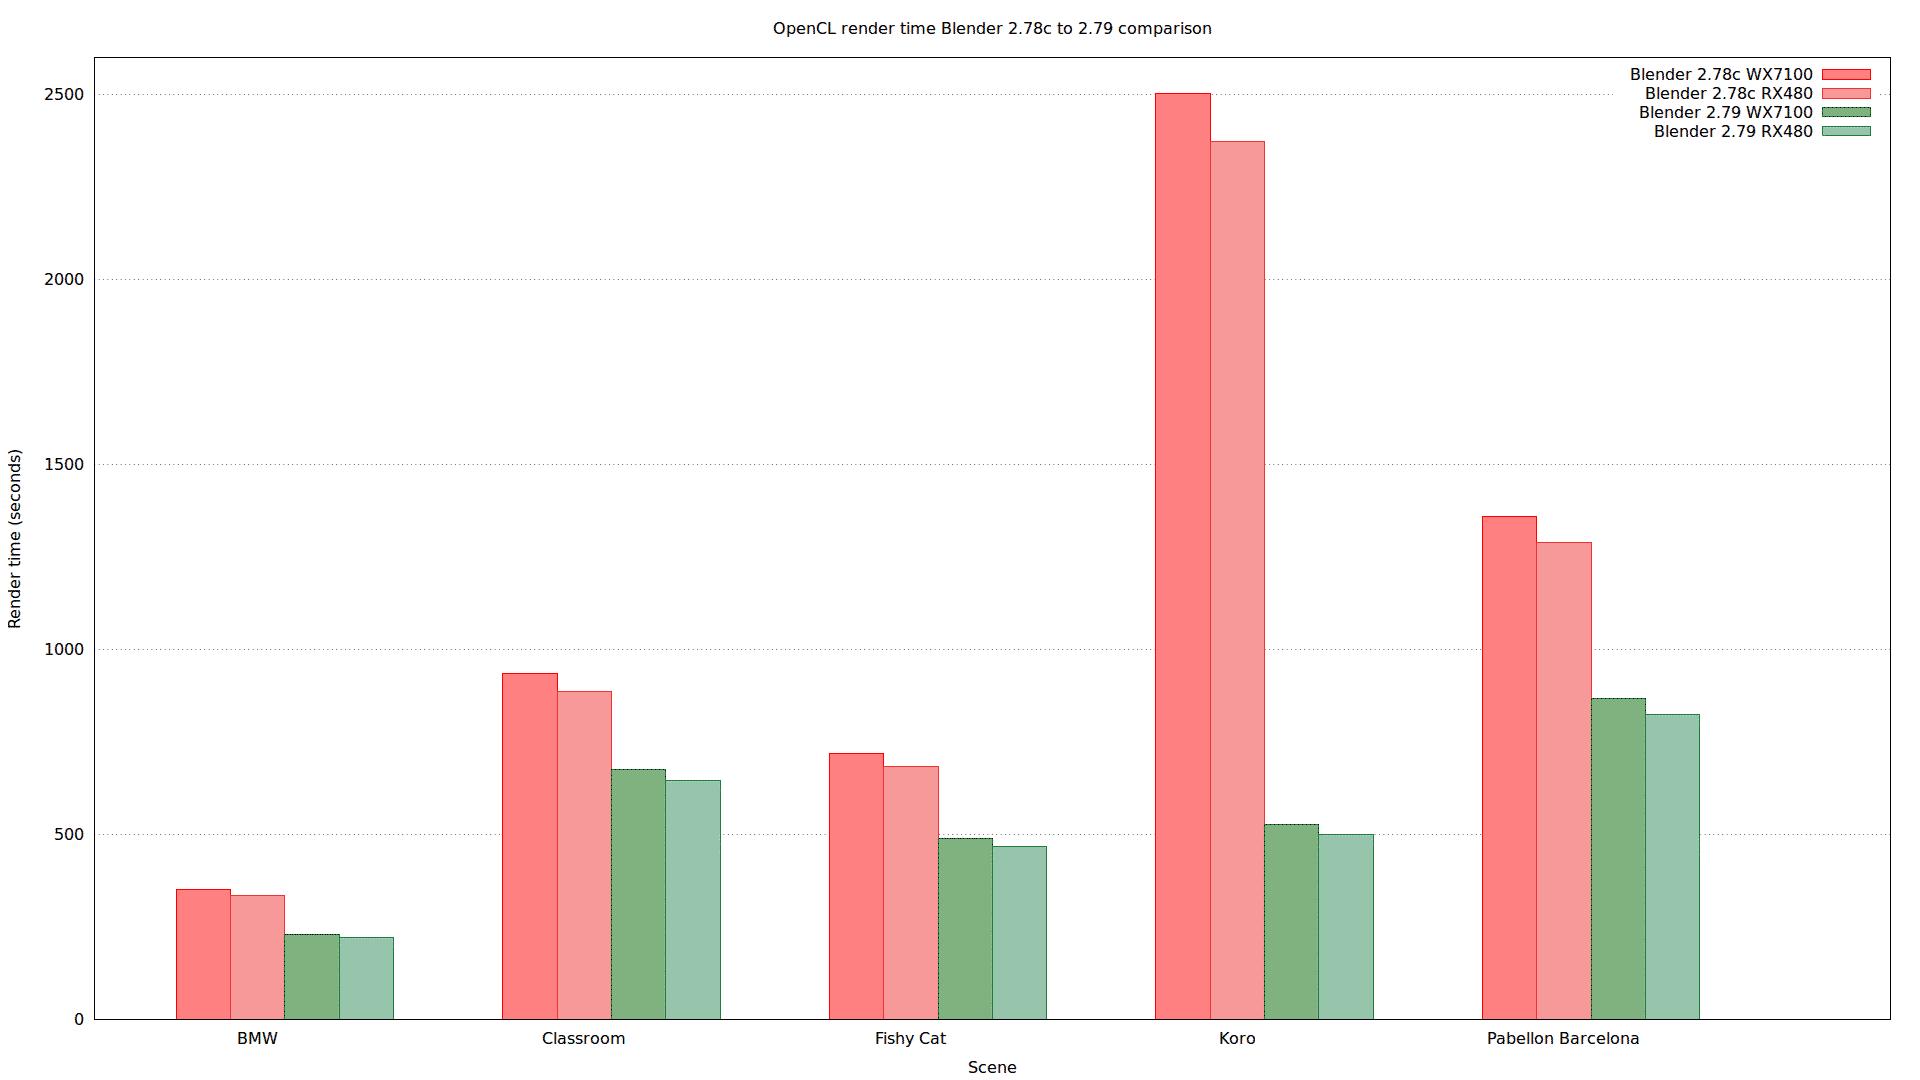 Vergleich der Renderzeiten mit AMD-Grafikkarten WX7100 und RX480 in Version 2.78c (rot) und 2.79 (grün).